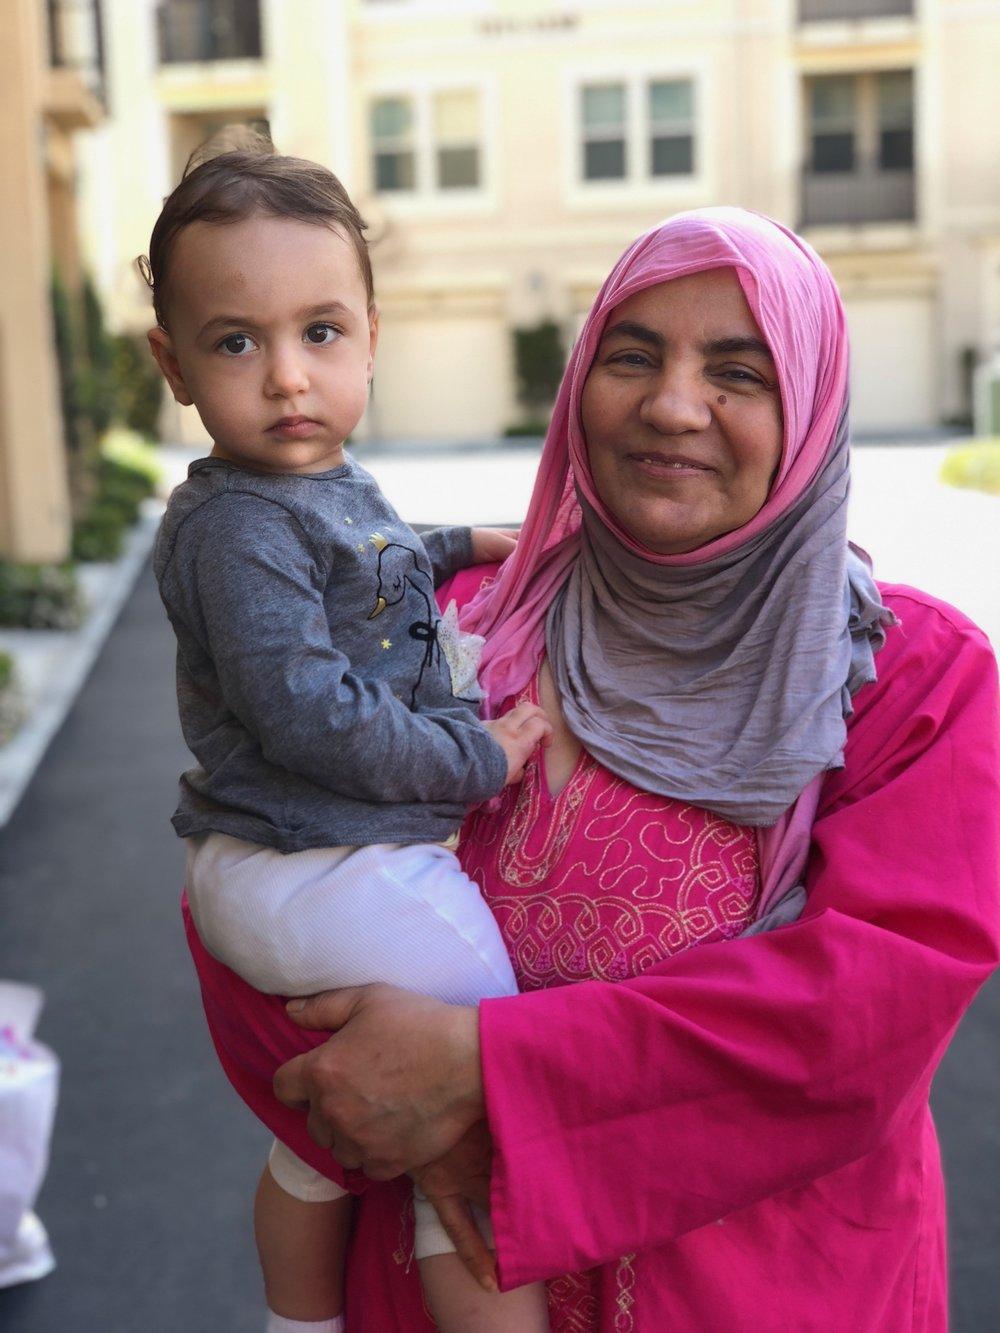 Asmaa of Palestine